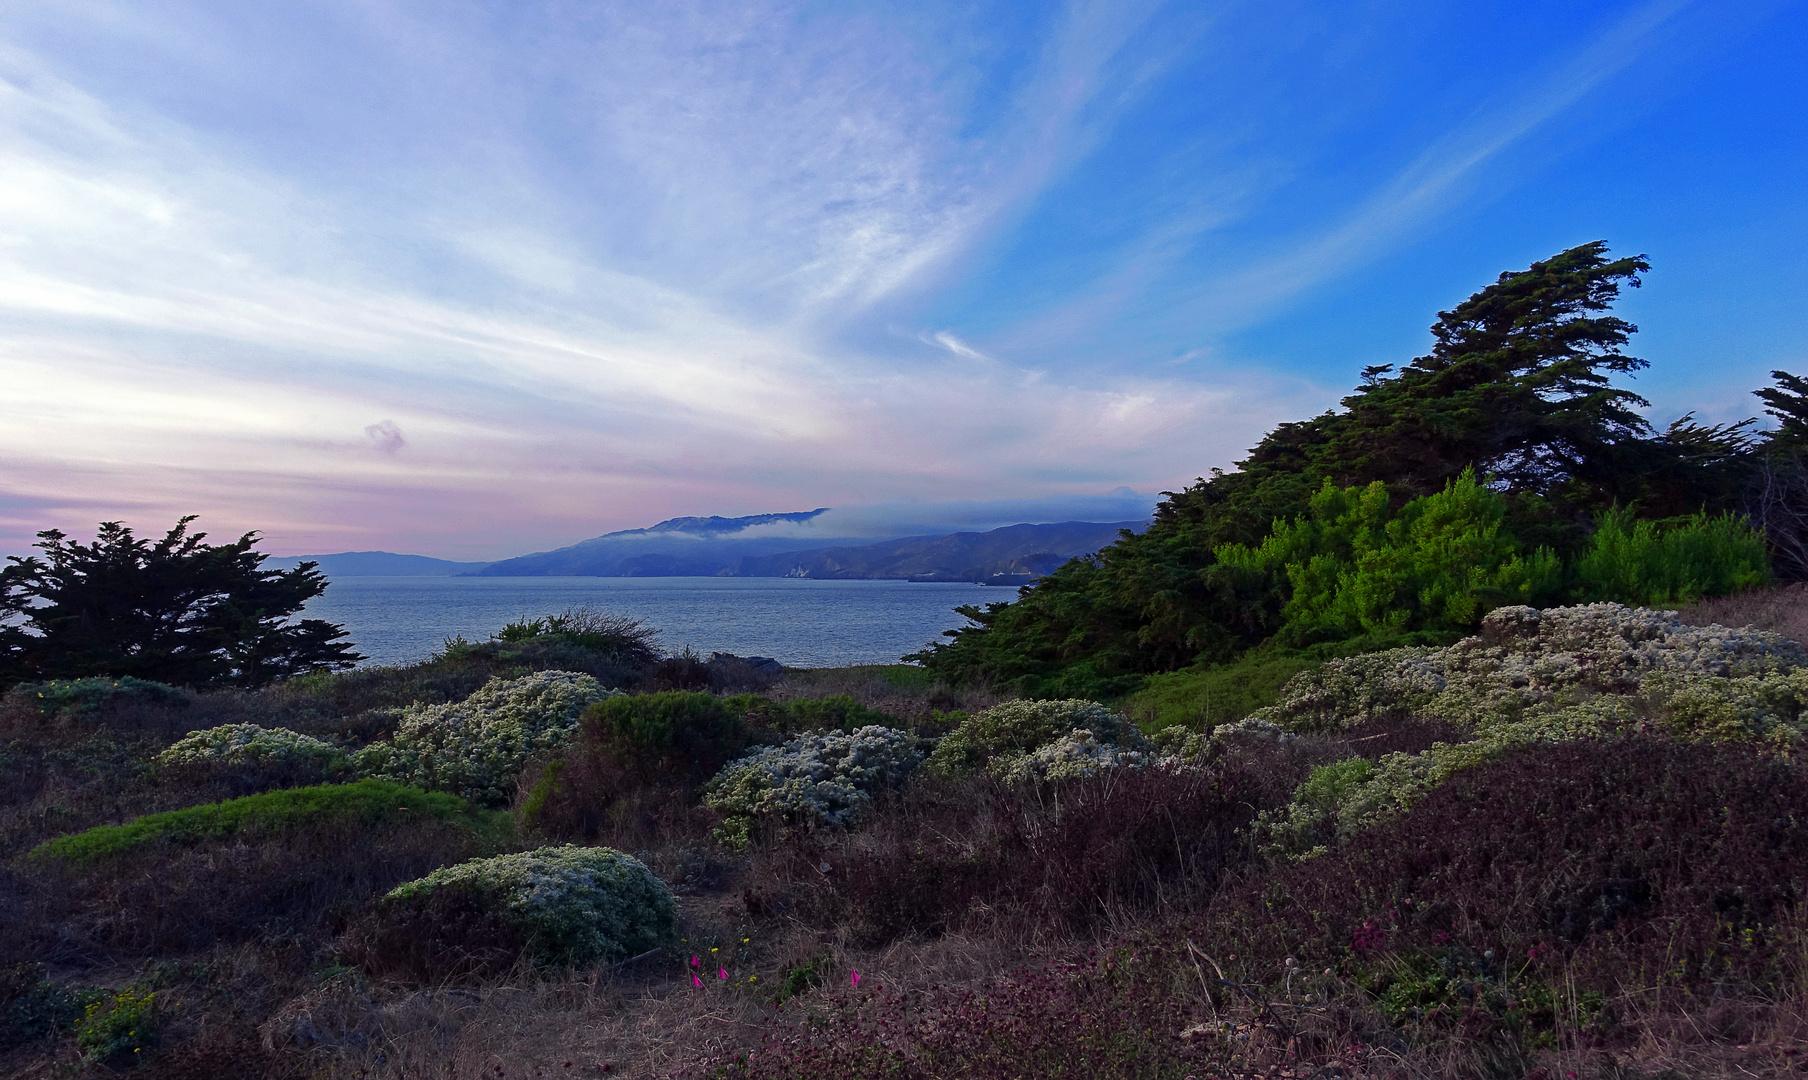 San Francisco, Lands End'16